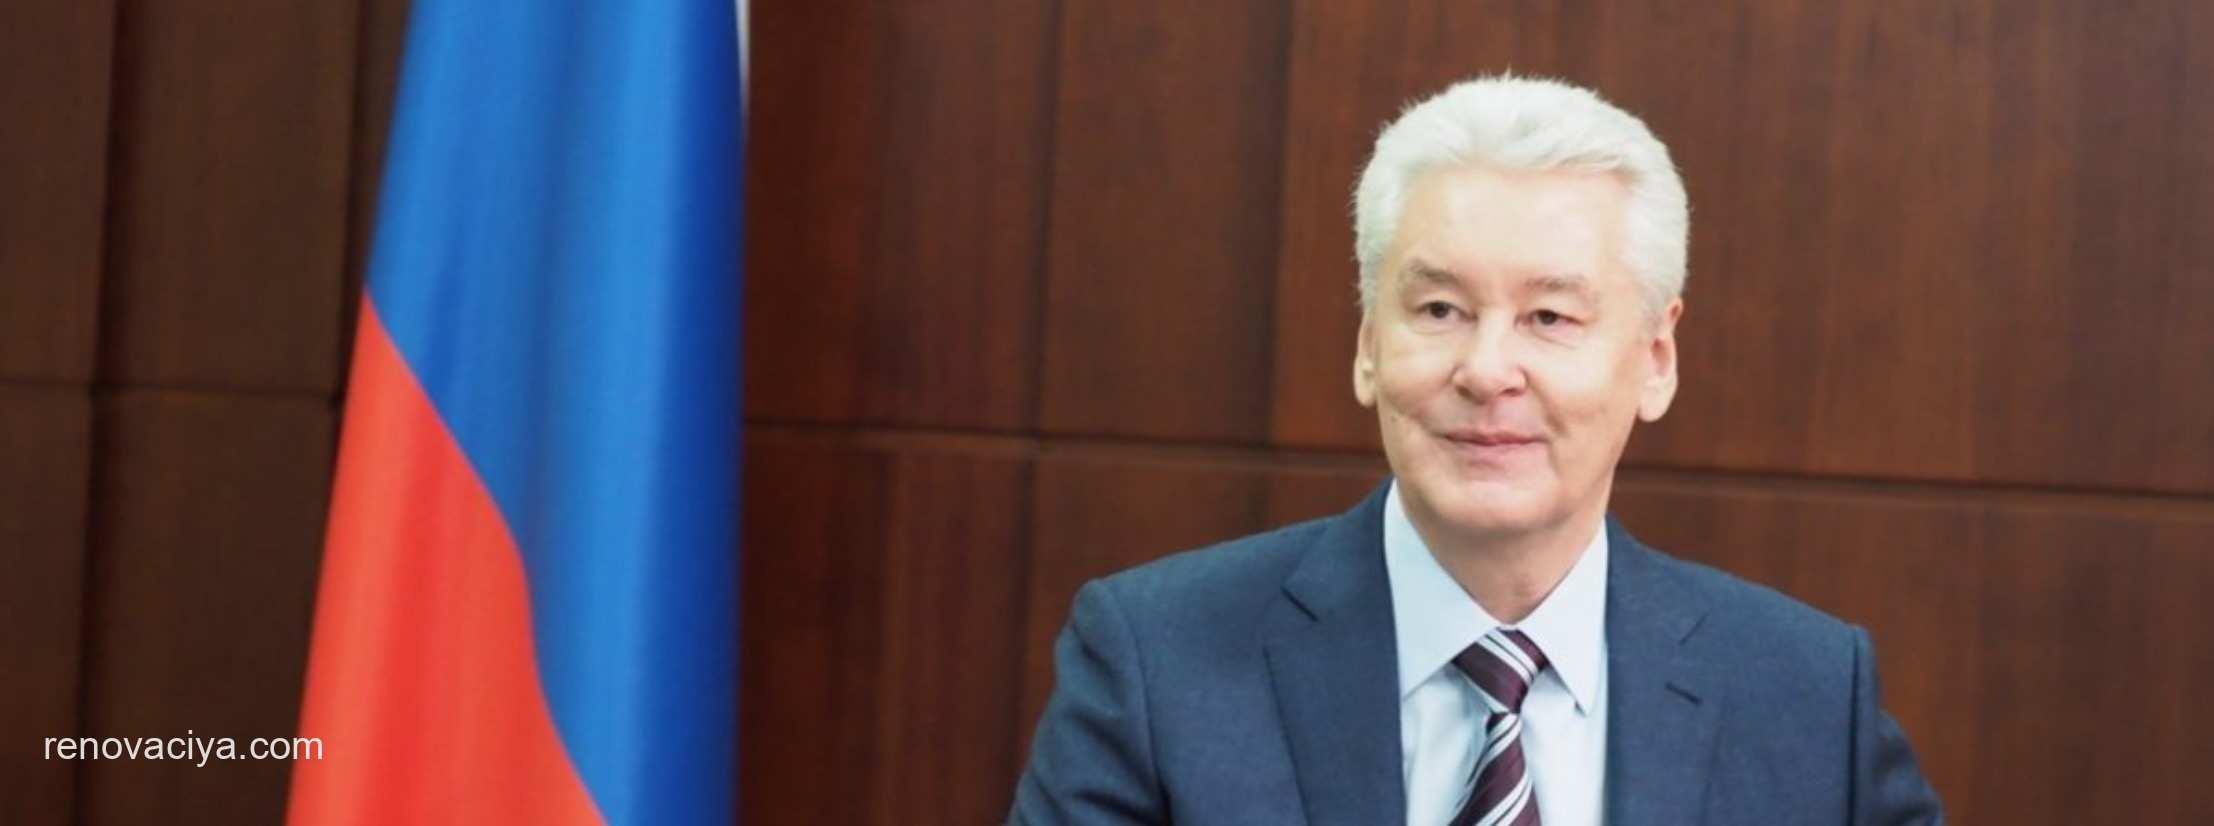 Мэр Москвы отвечает на вопросы